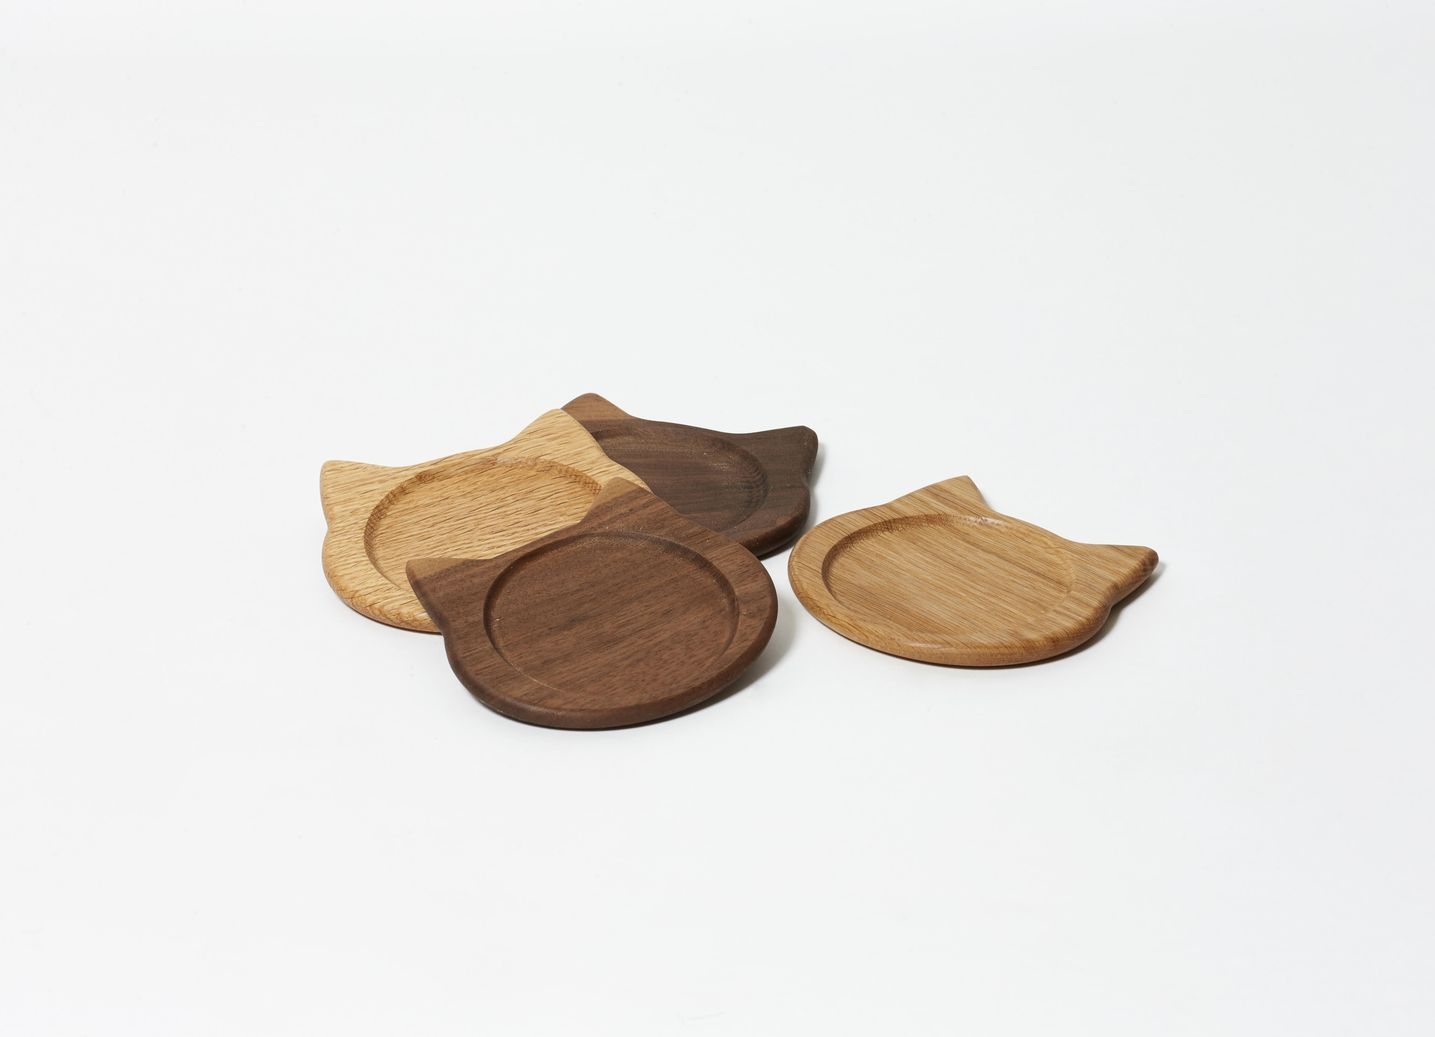 ネココースター(2枚セット/ウォールナット、ブラウンオーク)